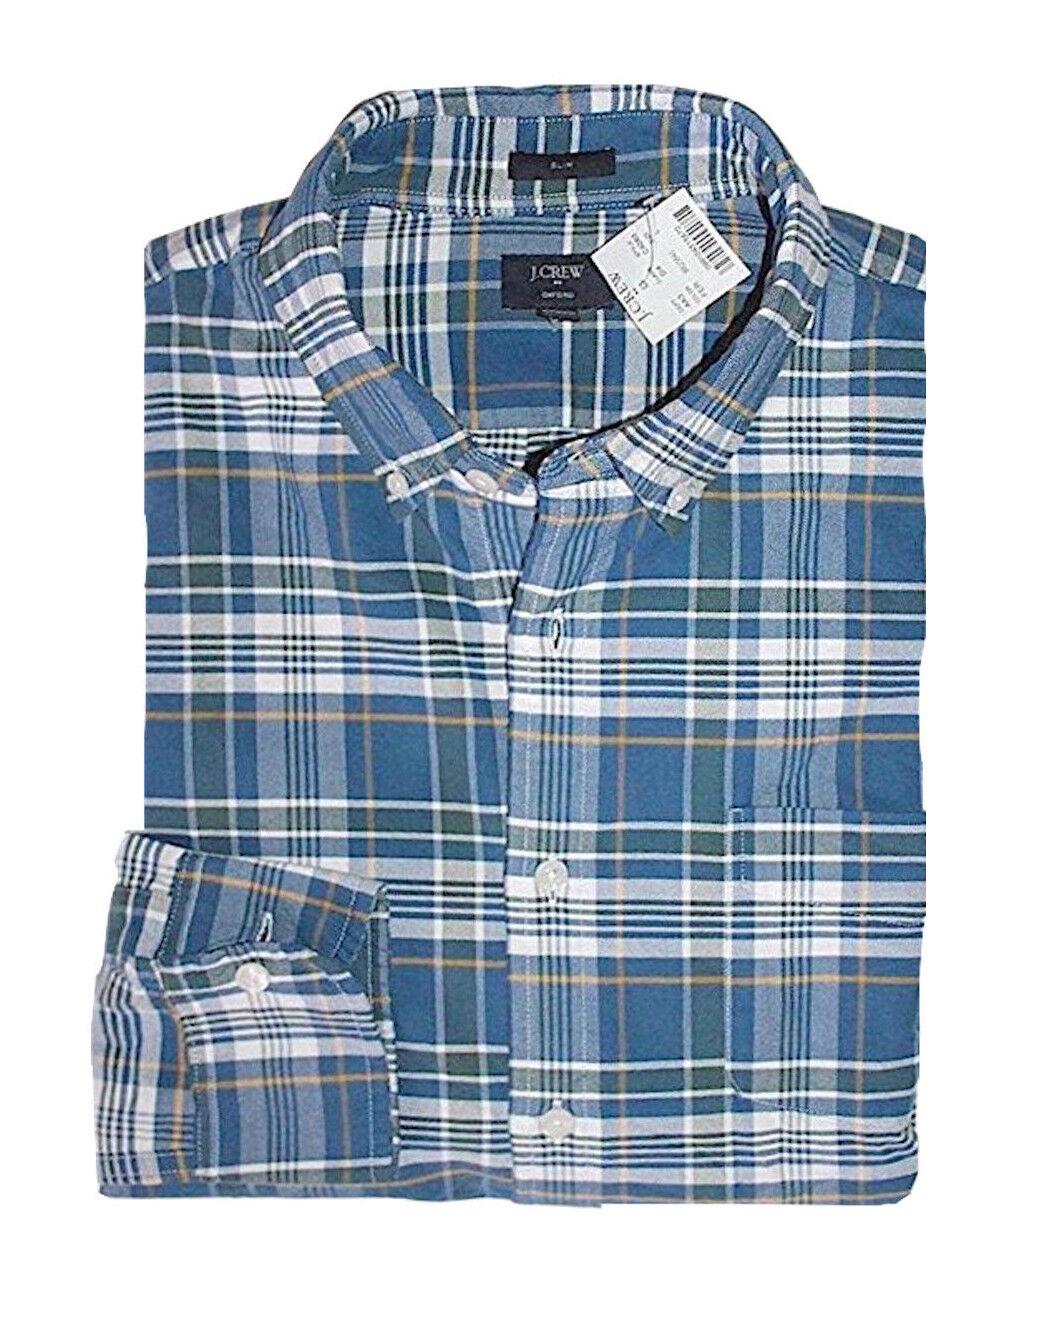 J Crew Factory - Mens M - Slim Fit bluee Plaid Button-Front Oxford Cotton Shirt